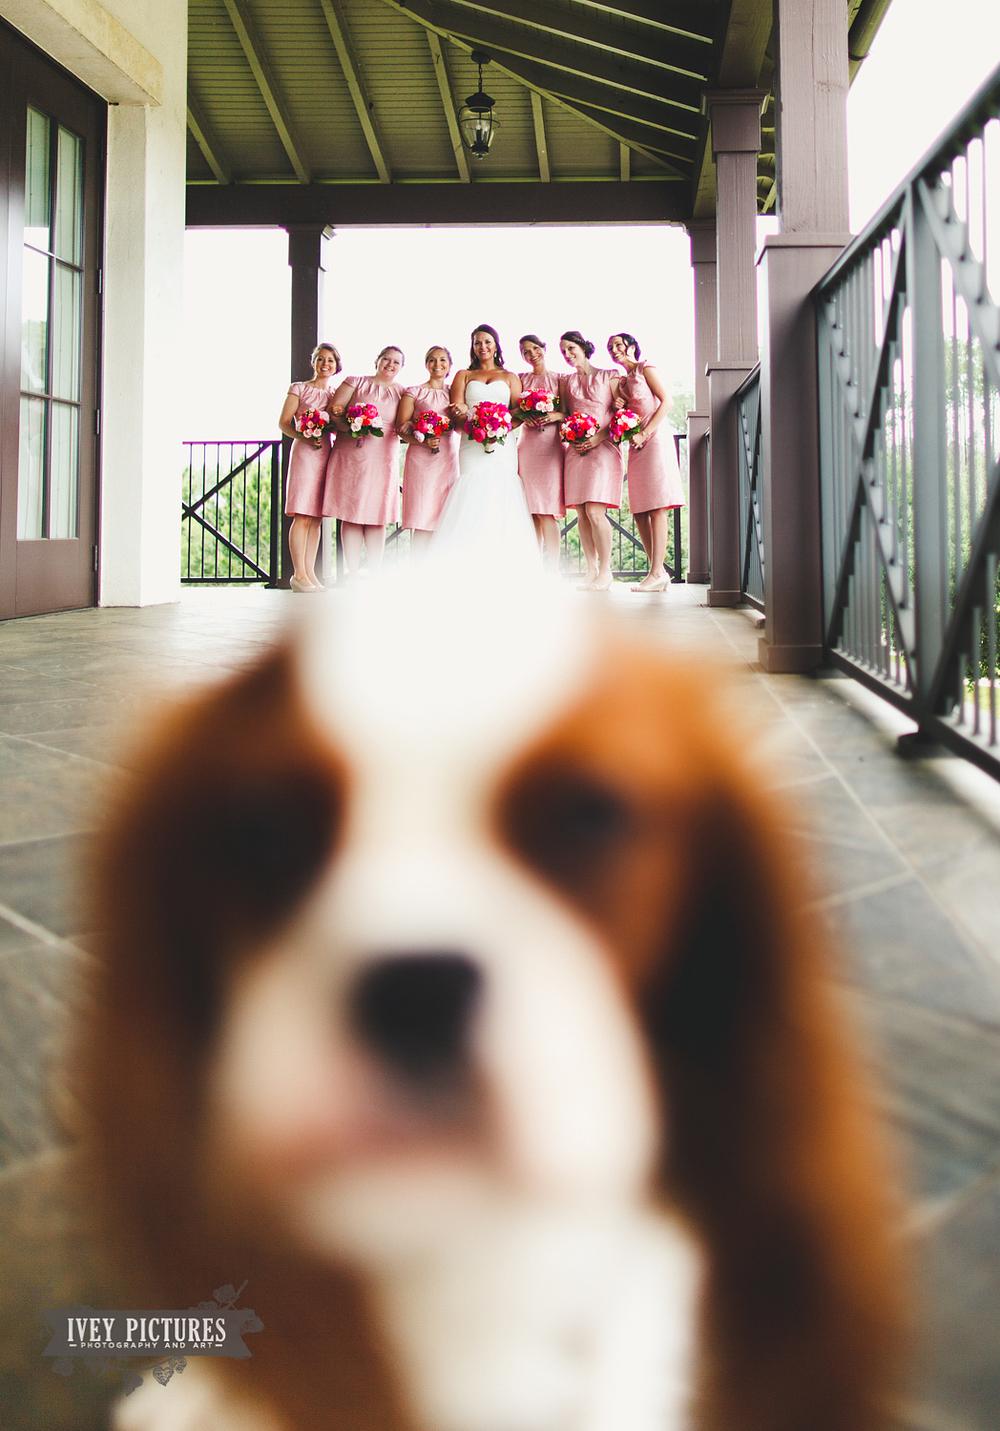 Dog Photobomb at Wedding